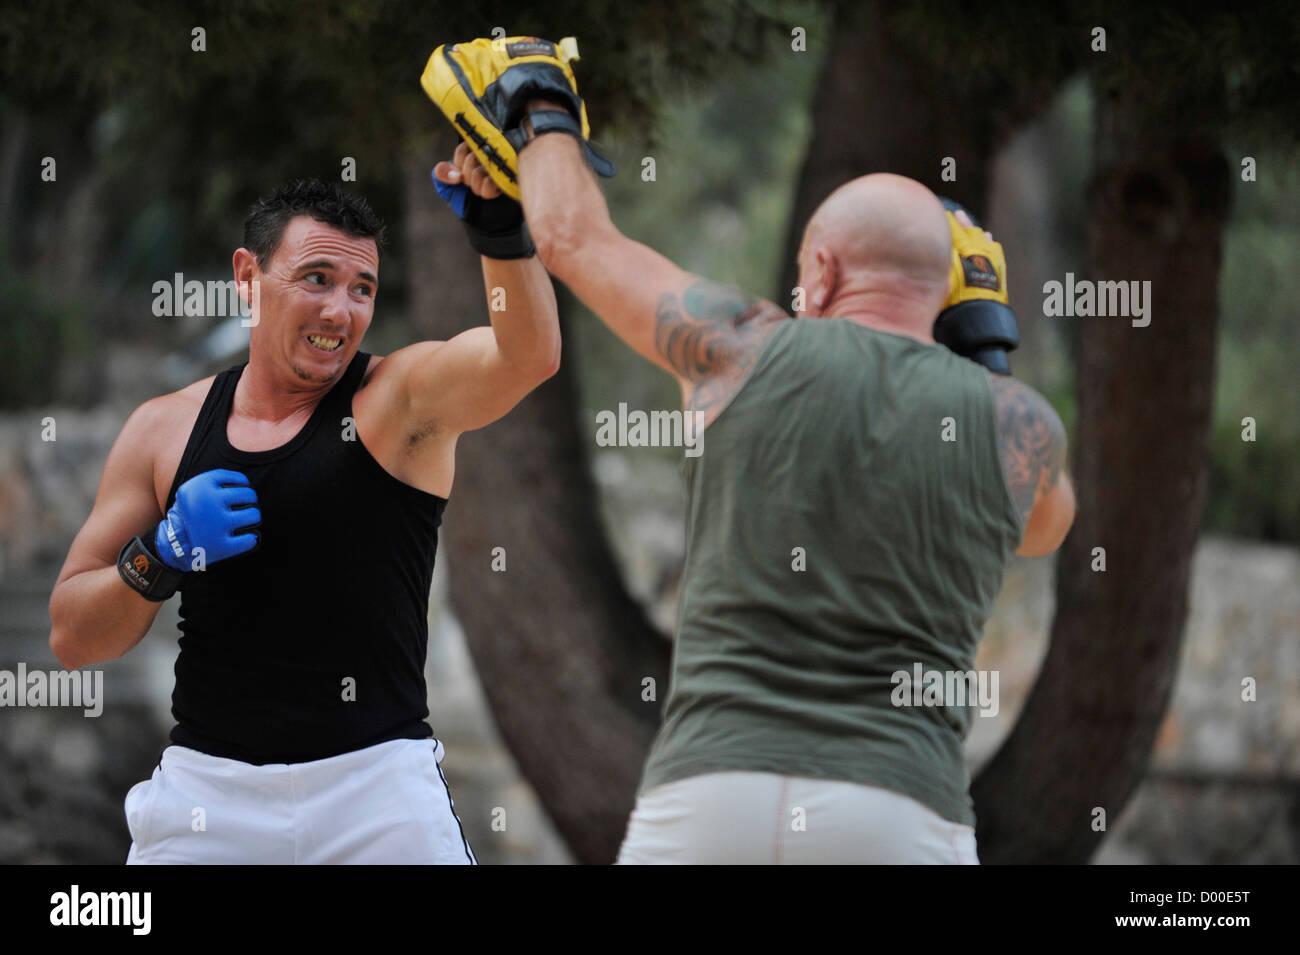 Deux hommes pratiquer les arts martiaux dans un parc Photo Stock